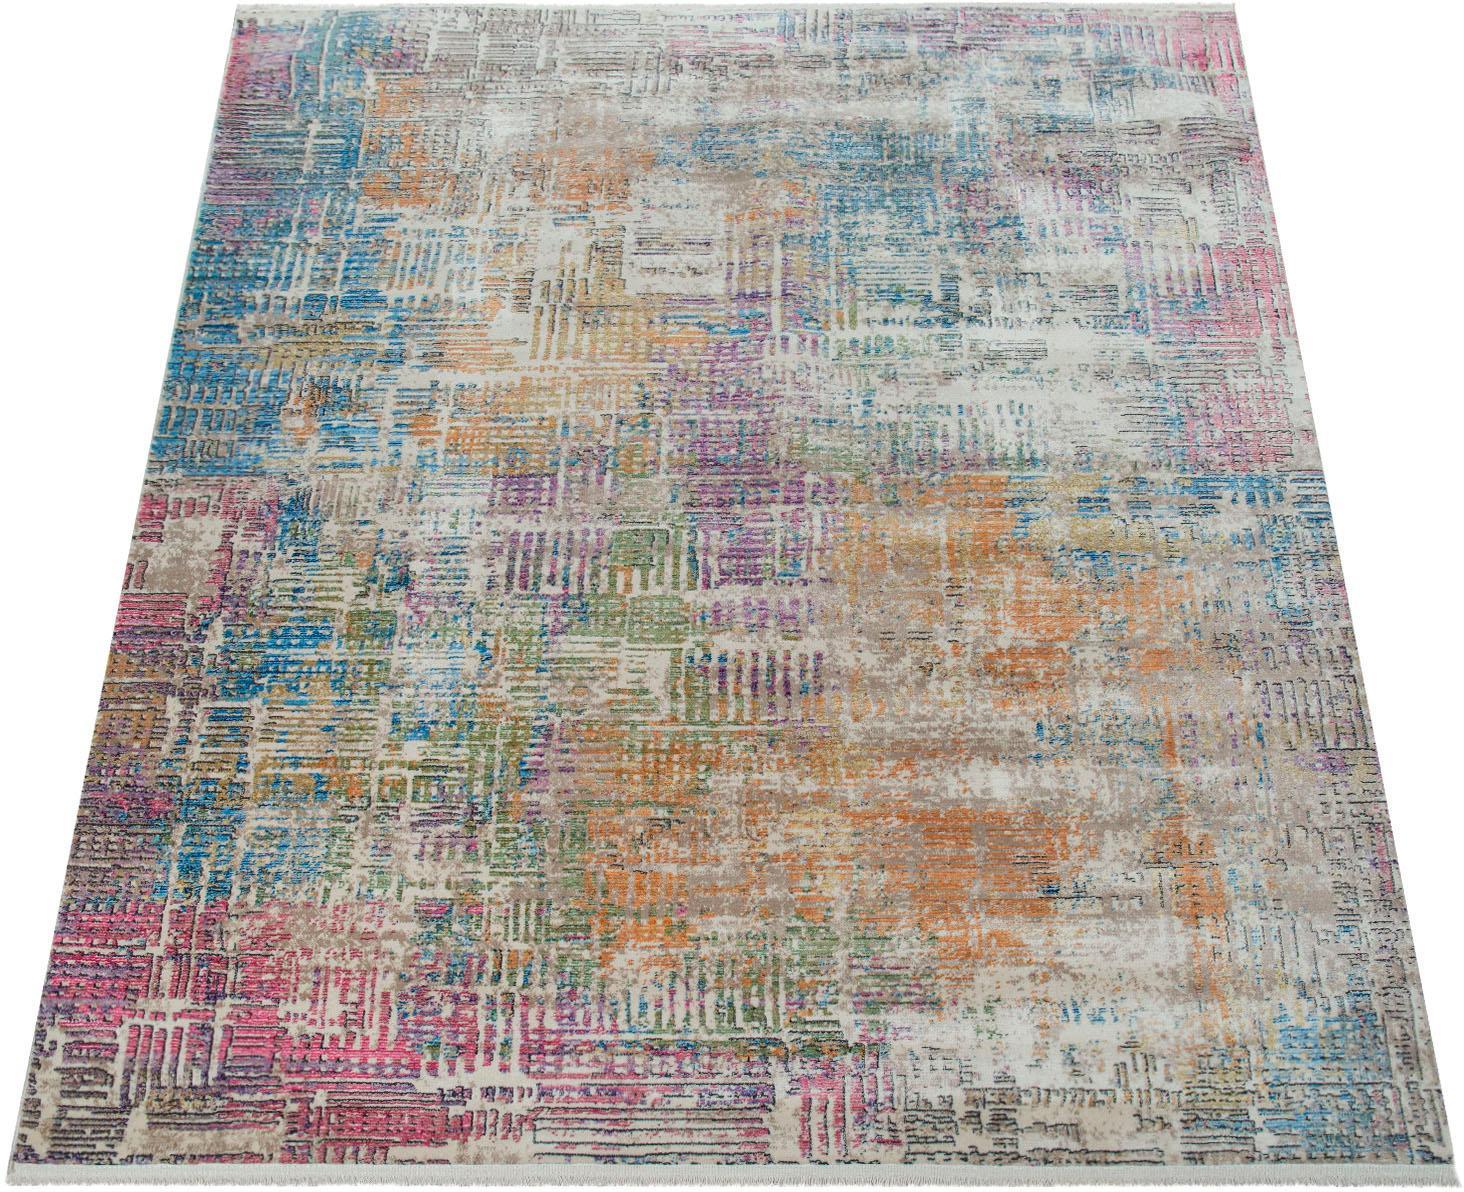 Teppich Picta 112 Paco Home rechteckig Höhe 12 mm maschinell gewebt